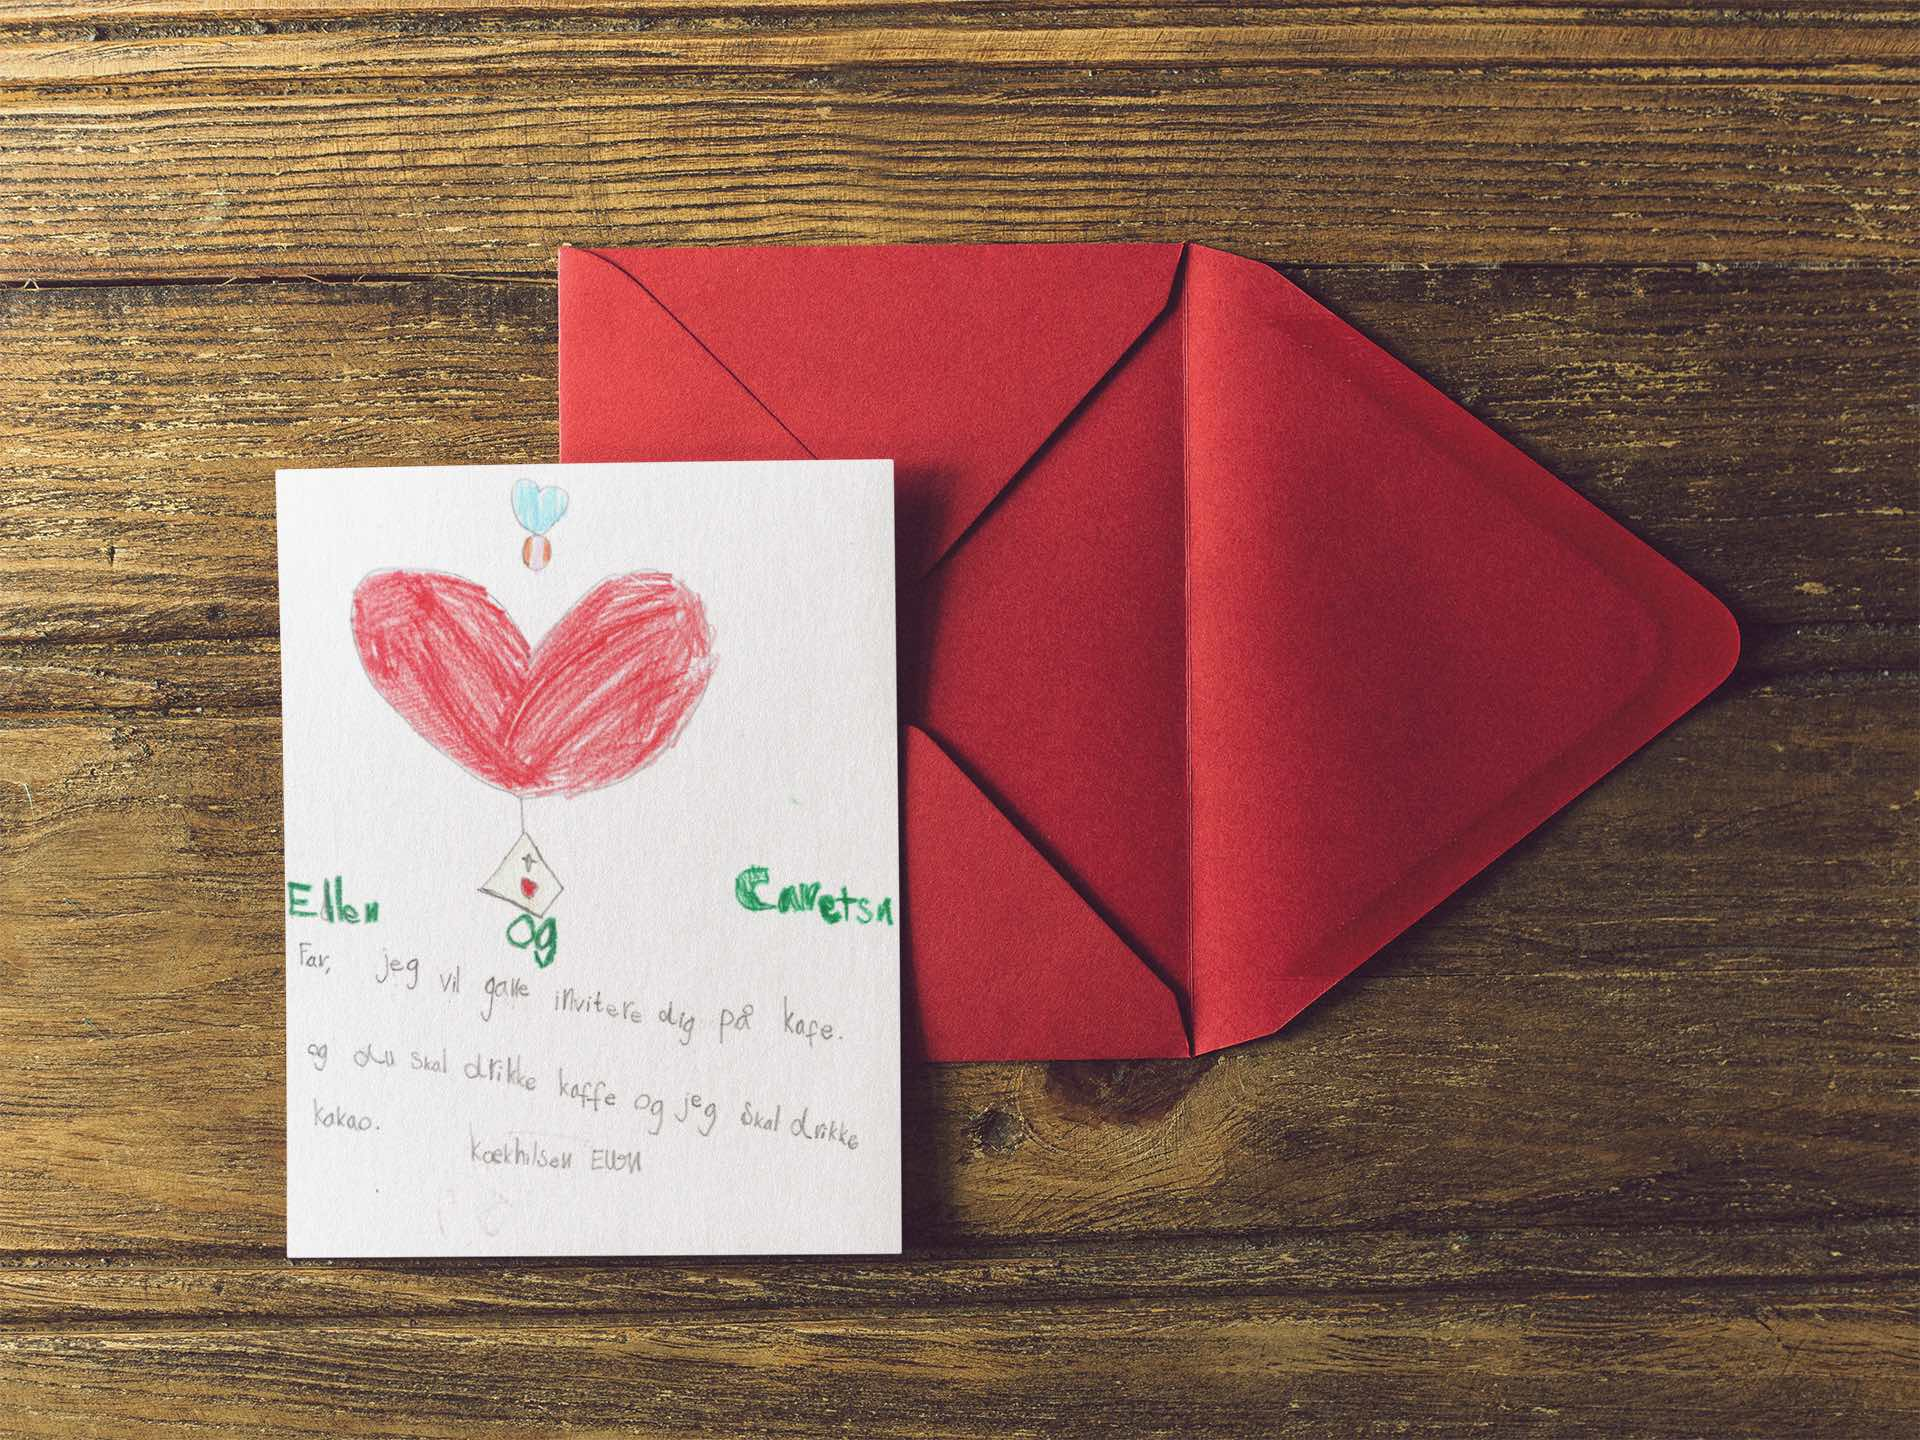 Invitationer med hjerte